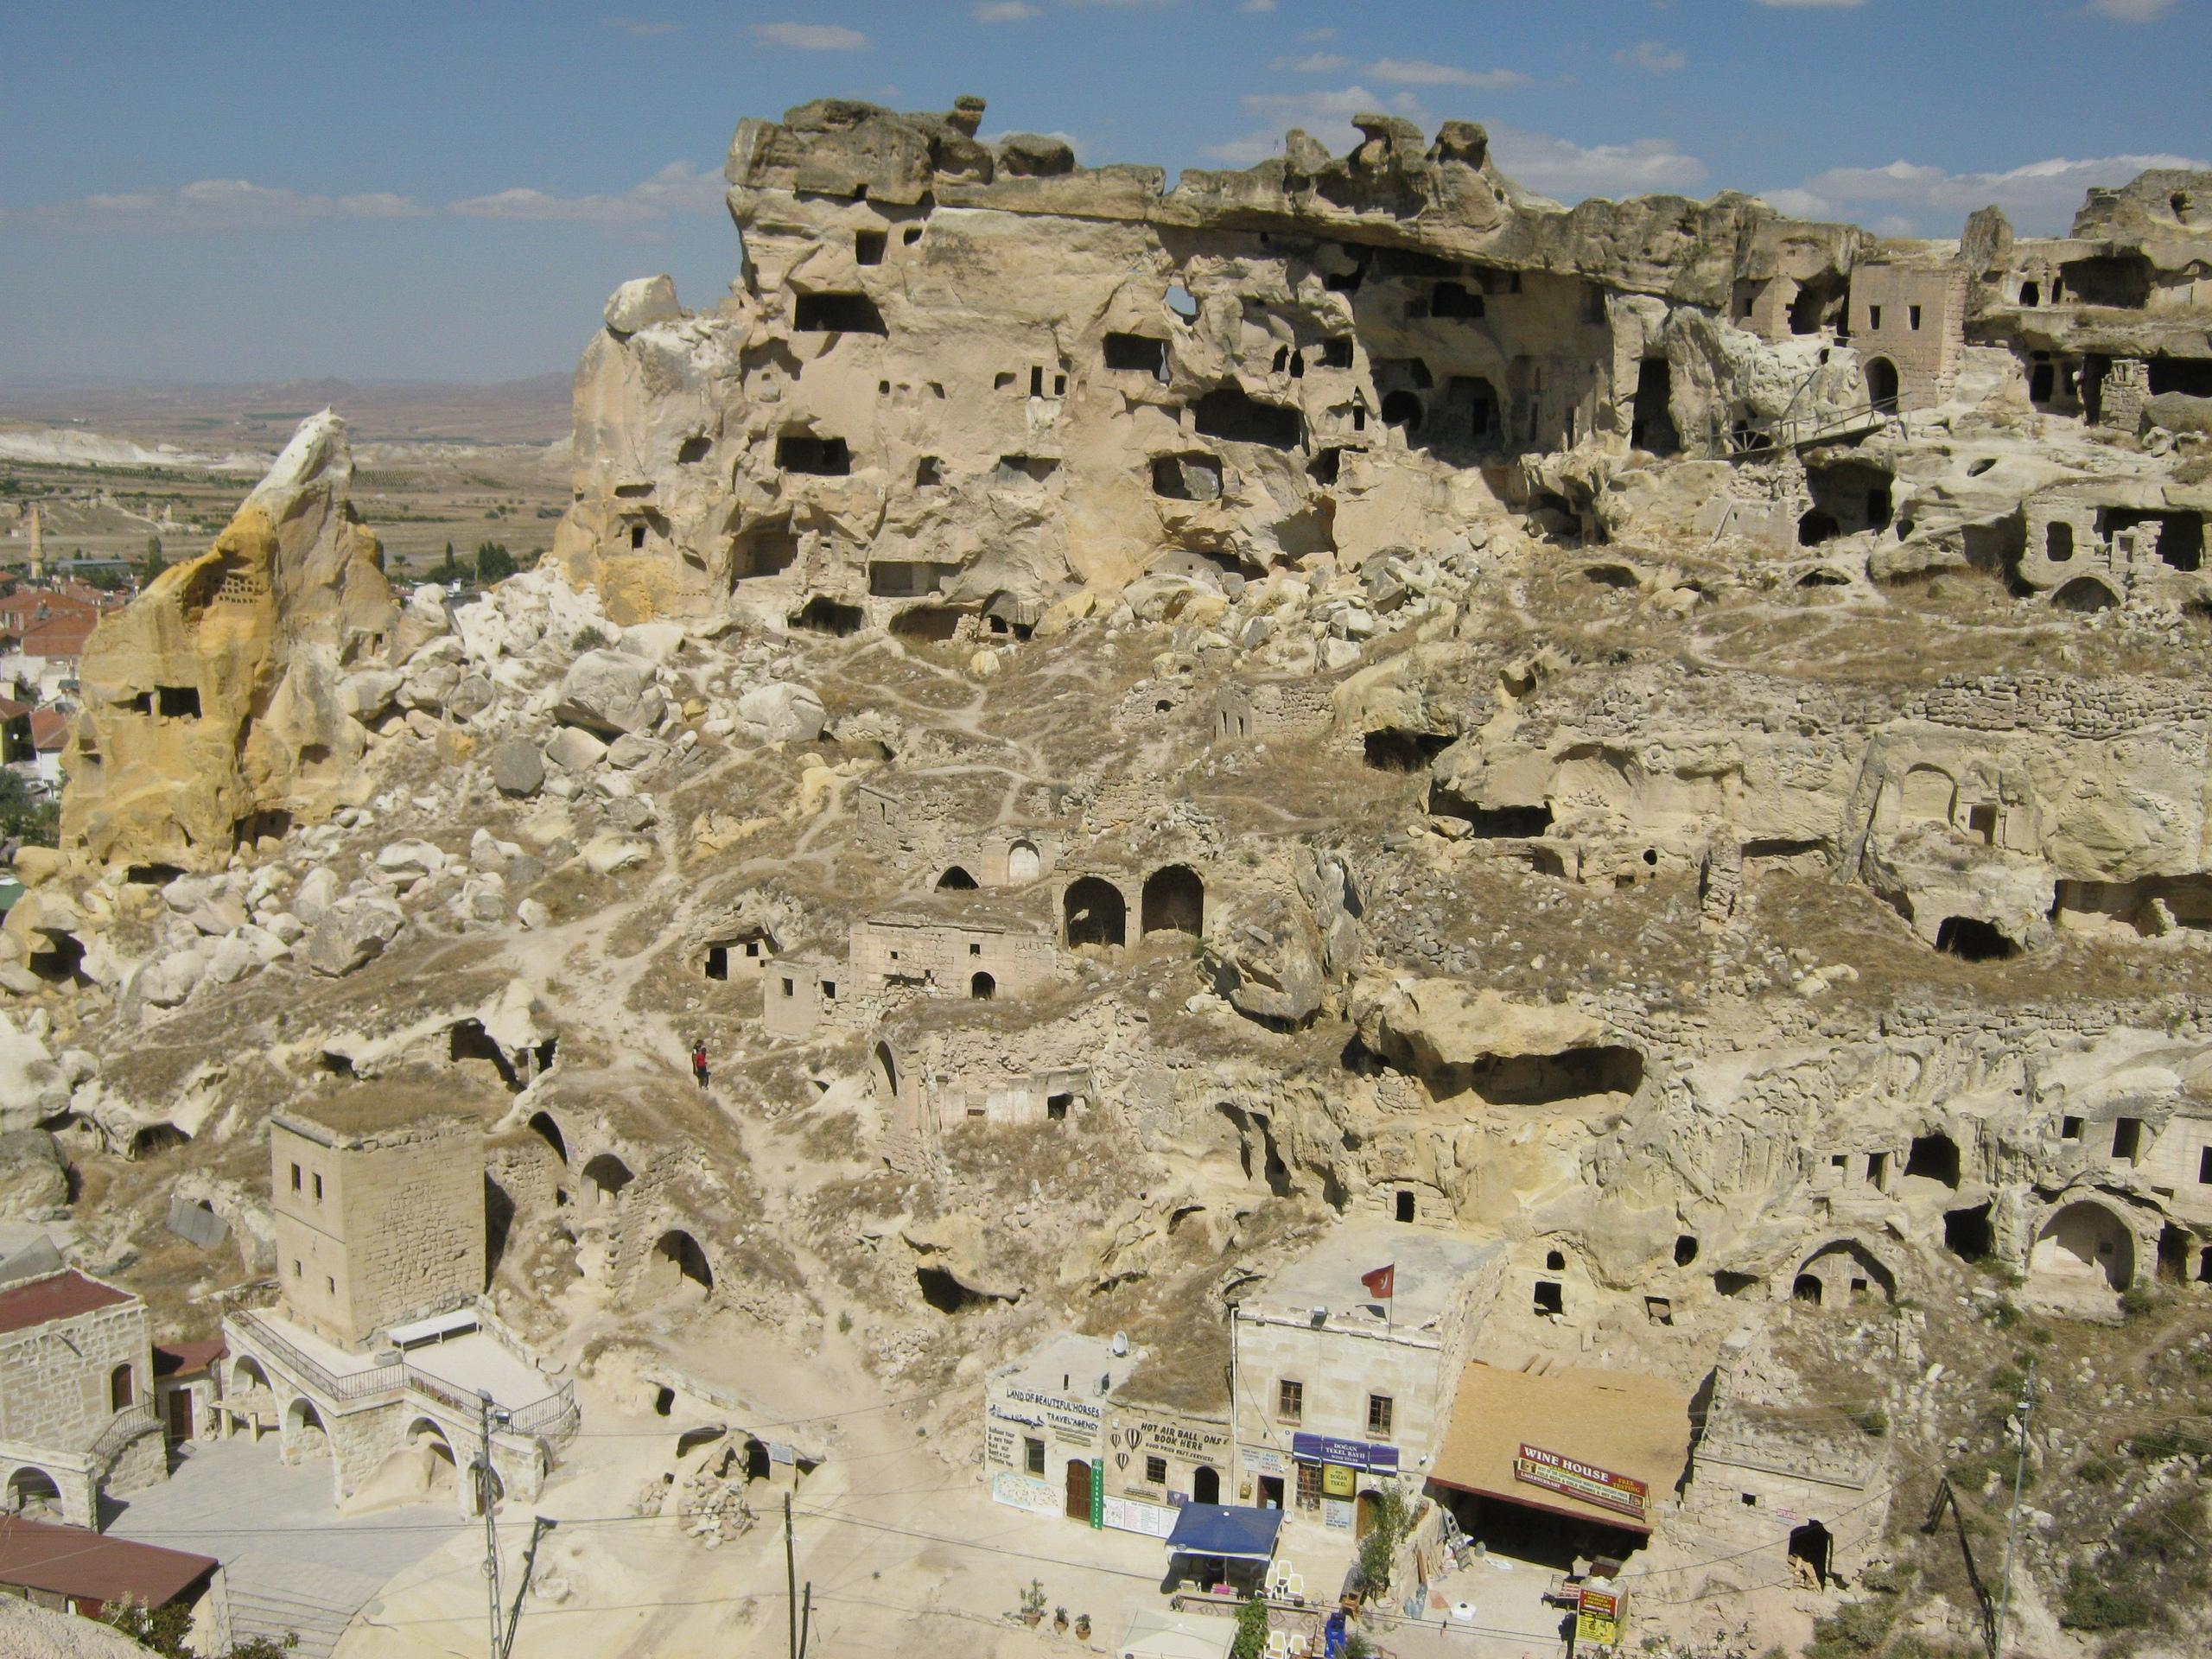 Село Чавушин с многочисленными дырами в скале